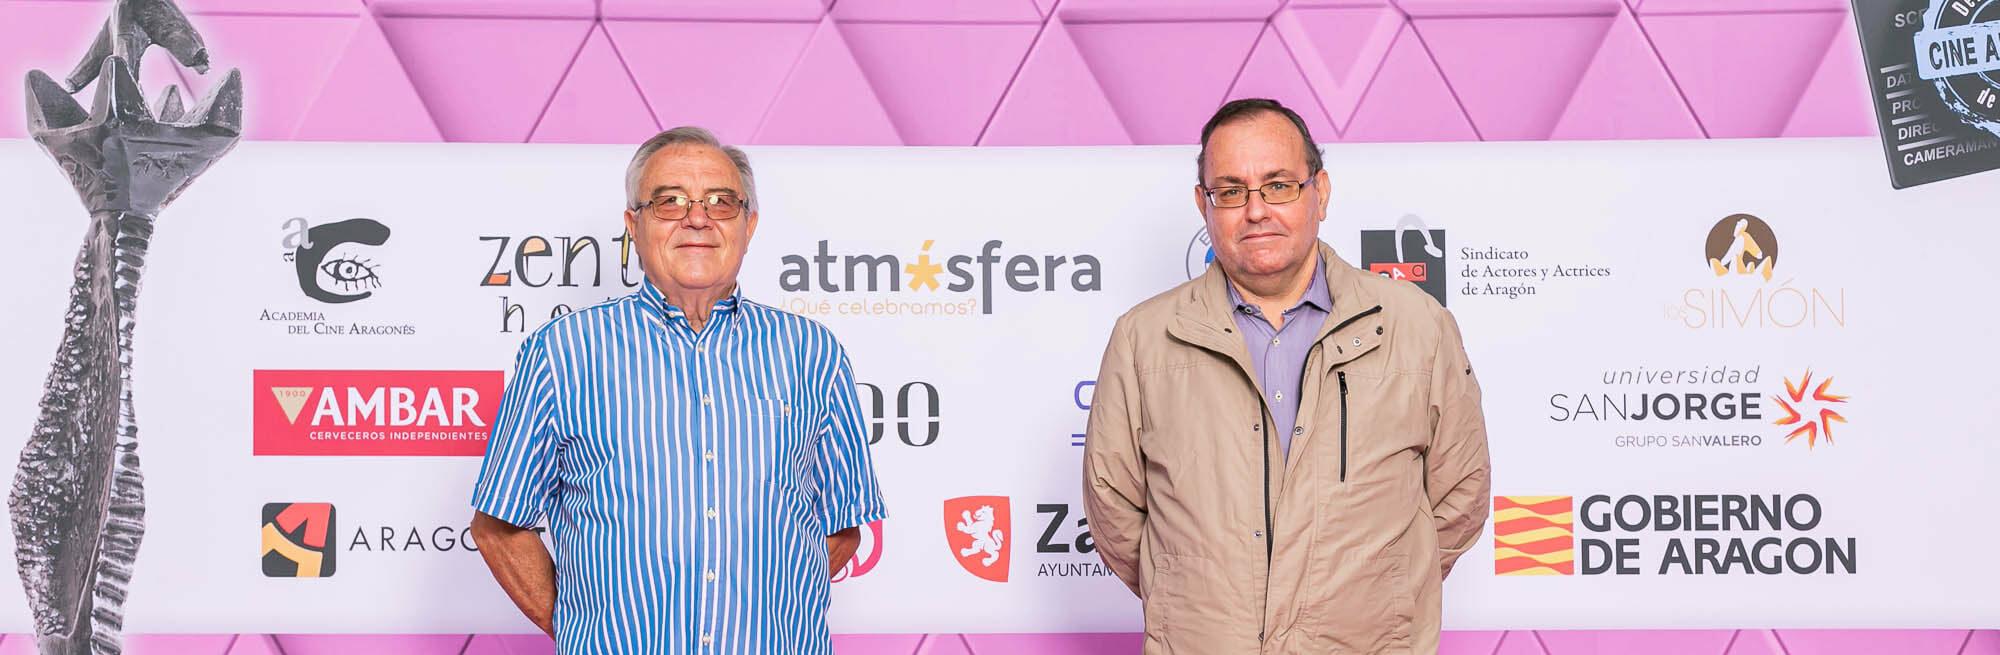 """Jose Manuel Bruna y José Luis Anchelergues """"Archy"""""""